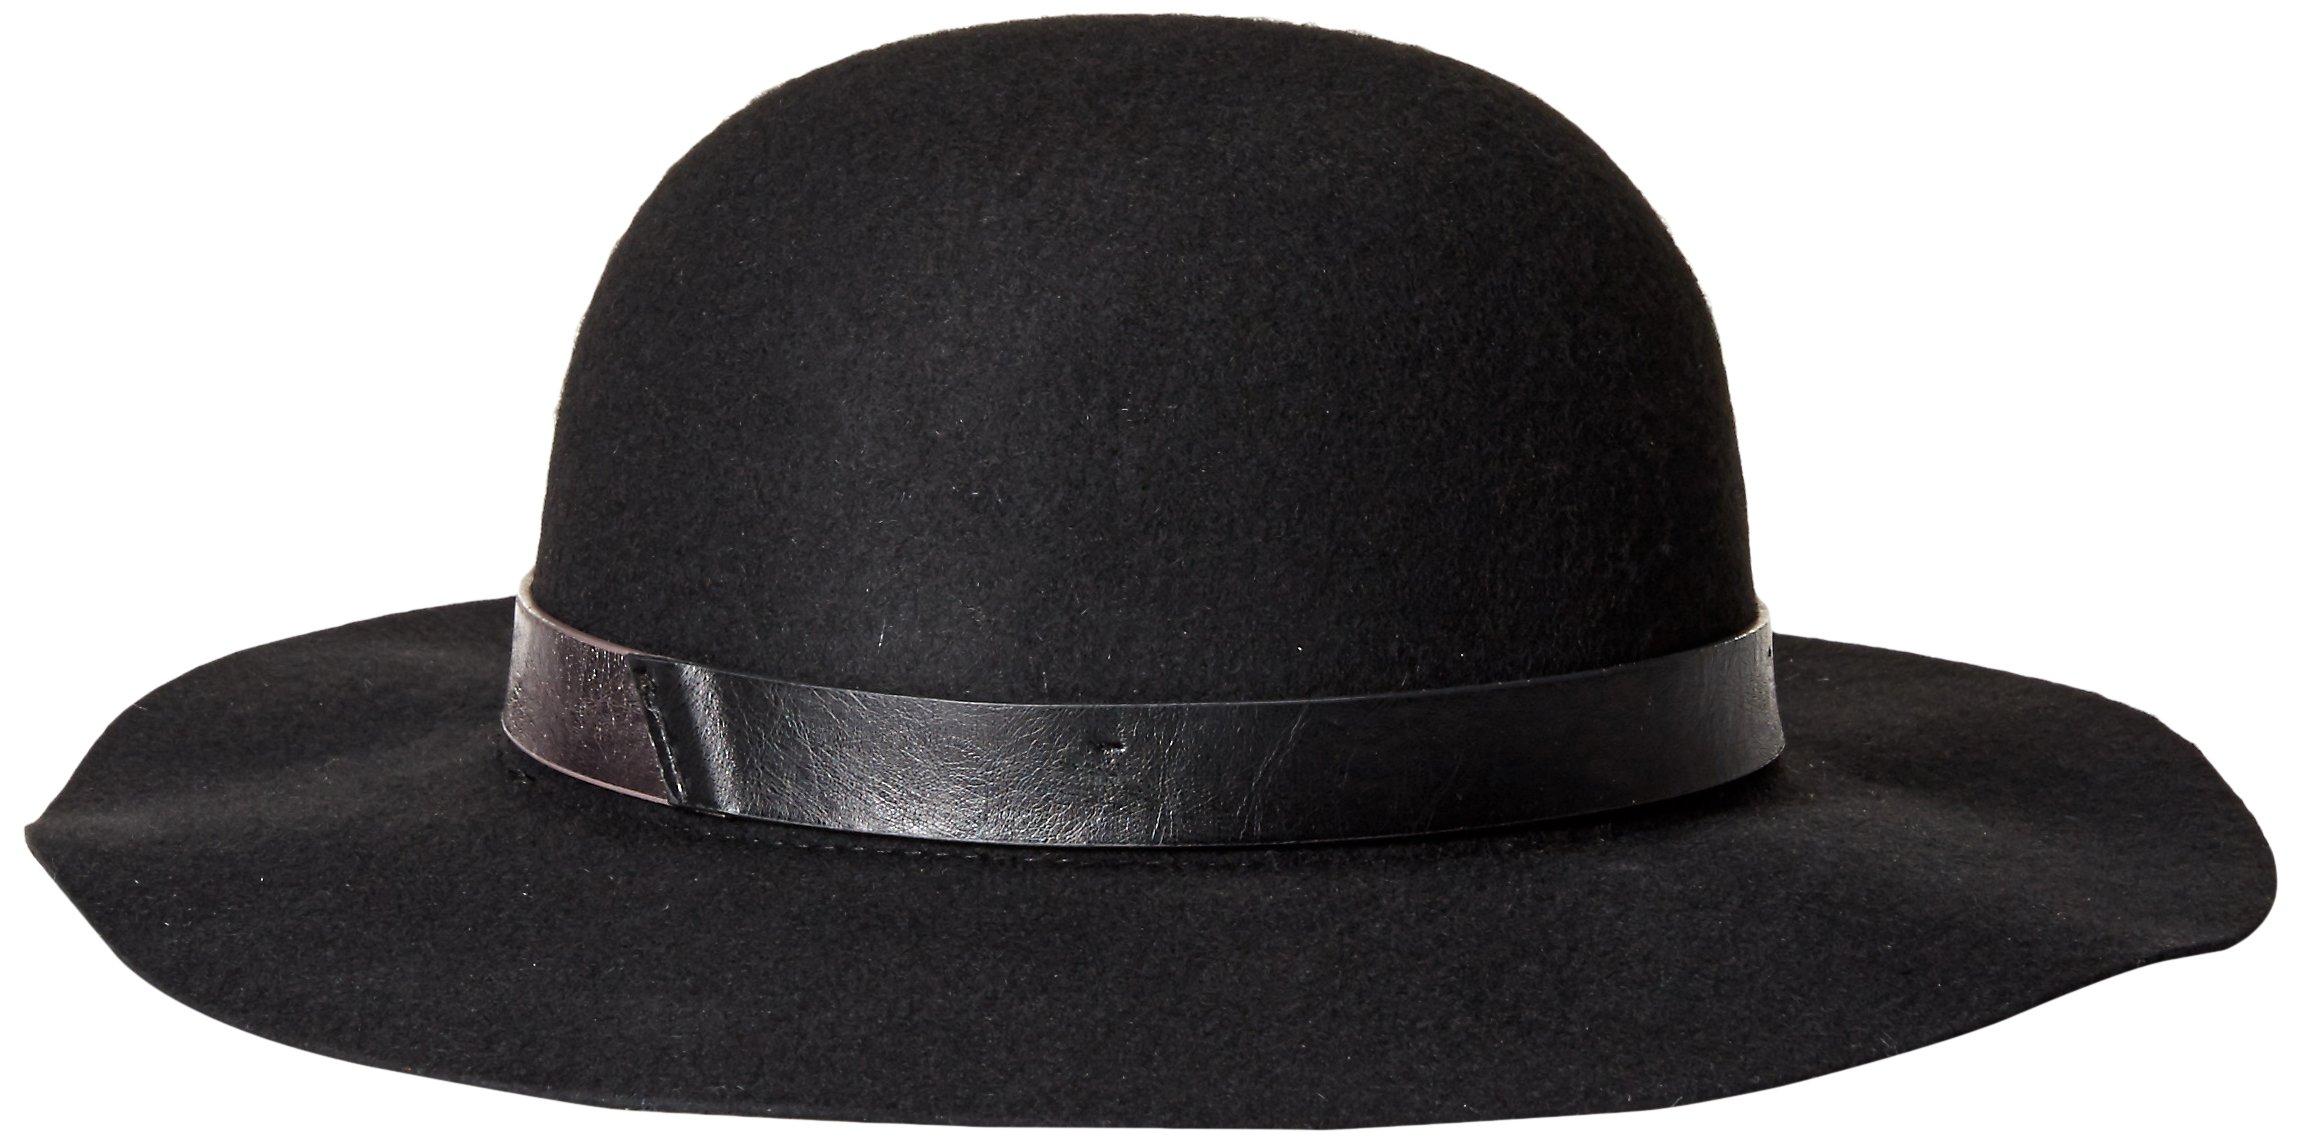 Goorin Bros. Women's Ellie Floppy Hat, Black, Large